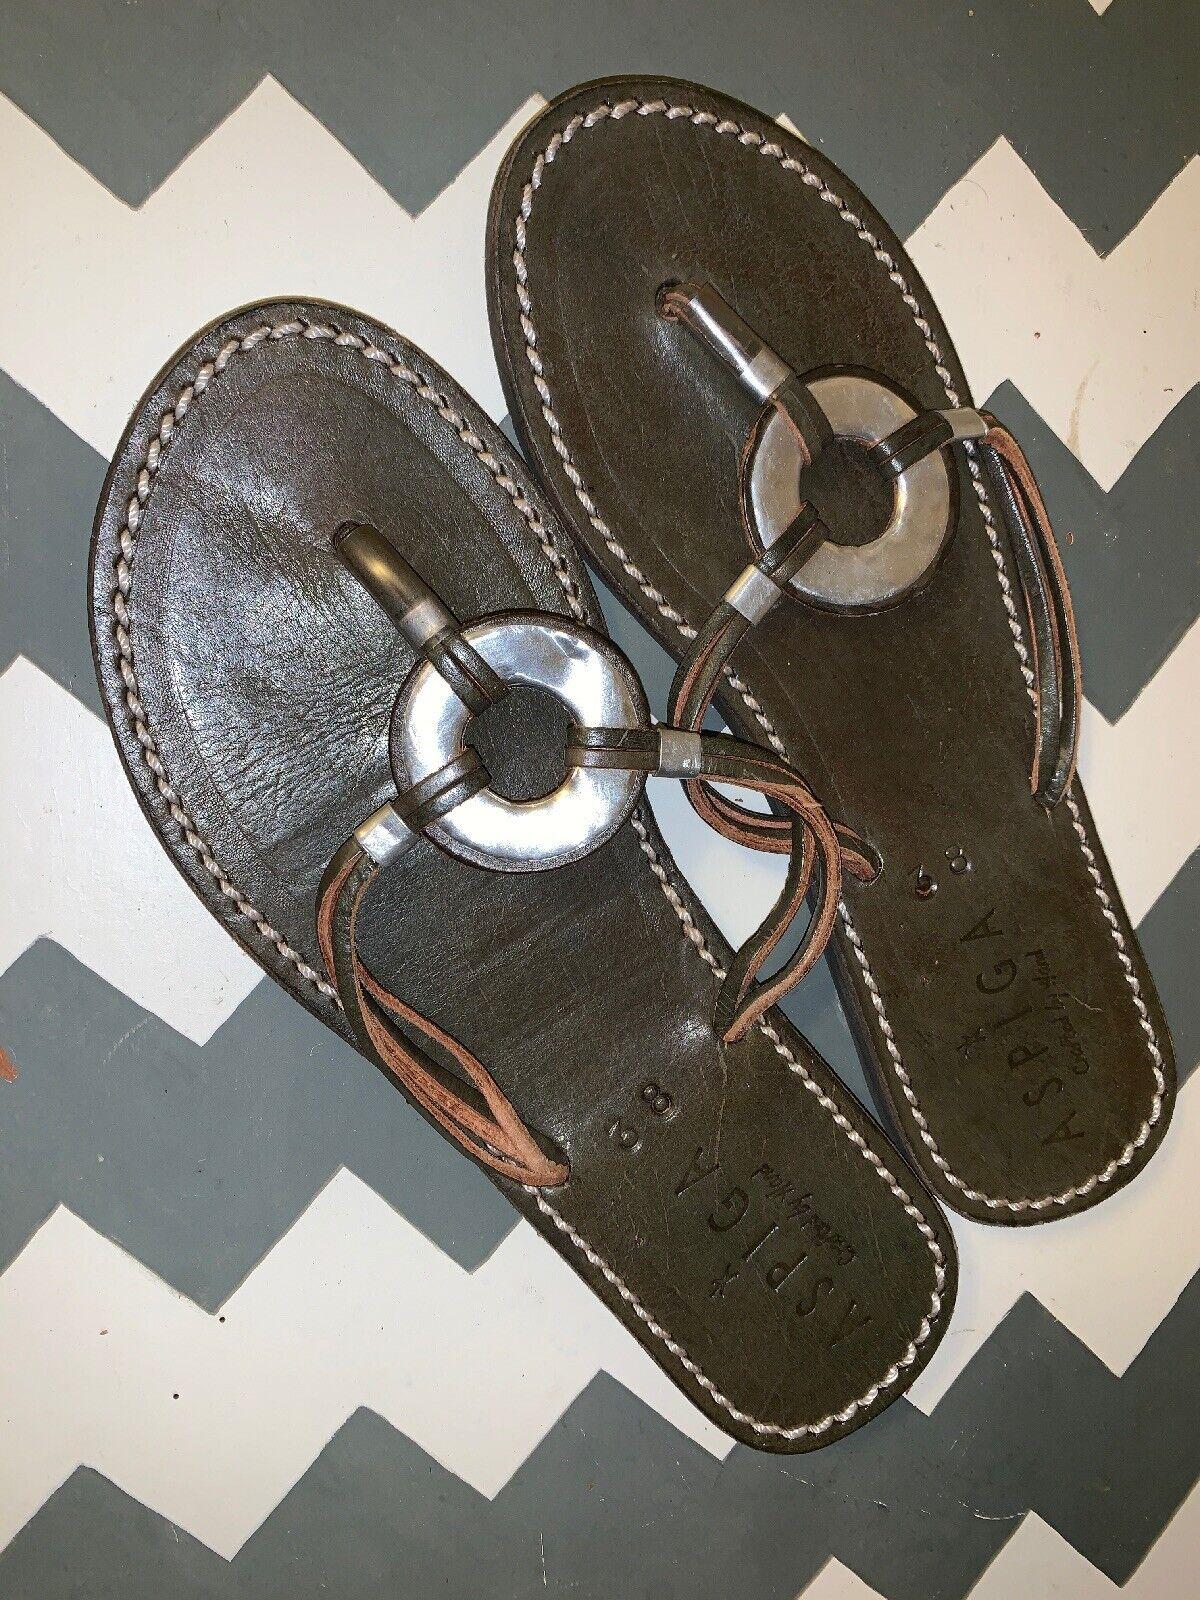 Aspiga Kalifi Aluminium Découpe Cercle Sandales Lanières Femmes Chaussures SZ 38 7.5  b12